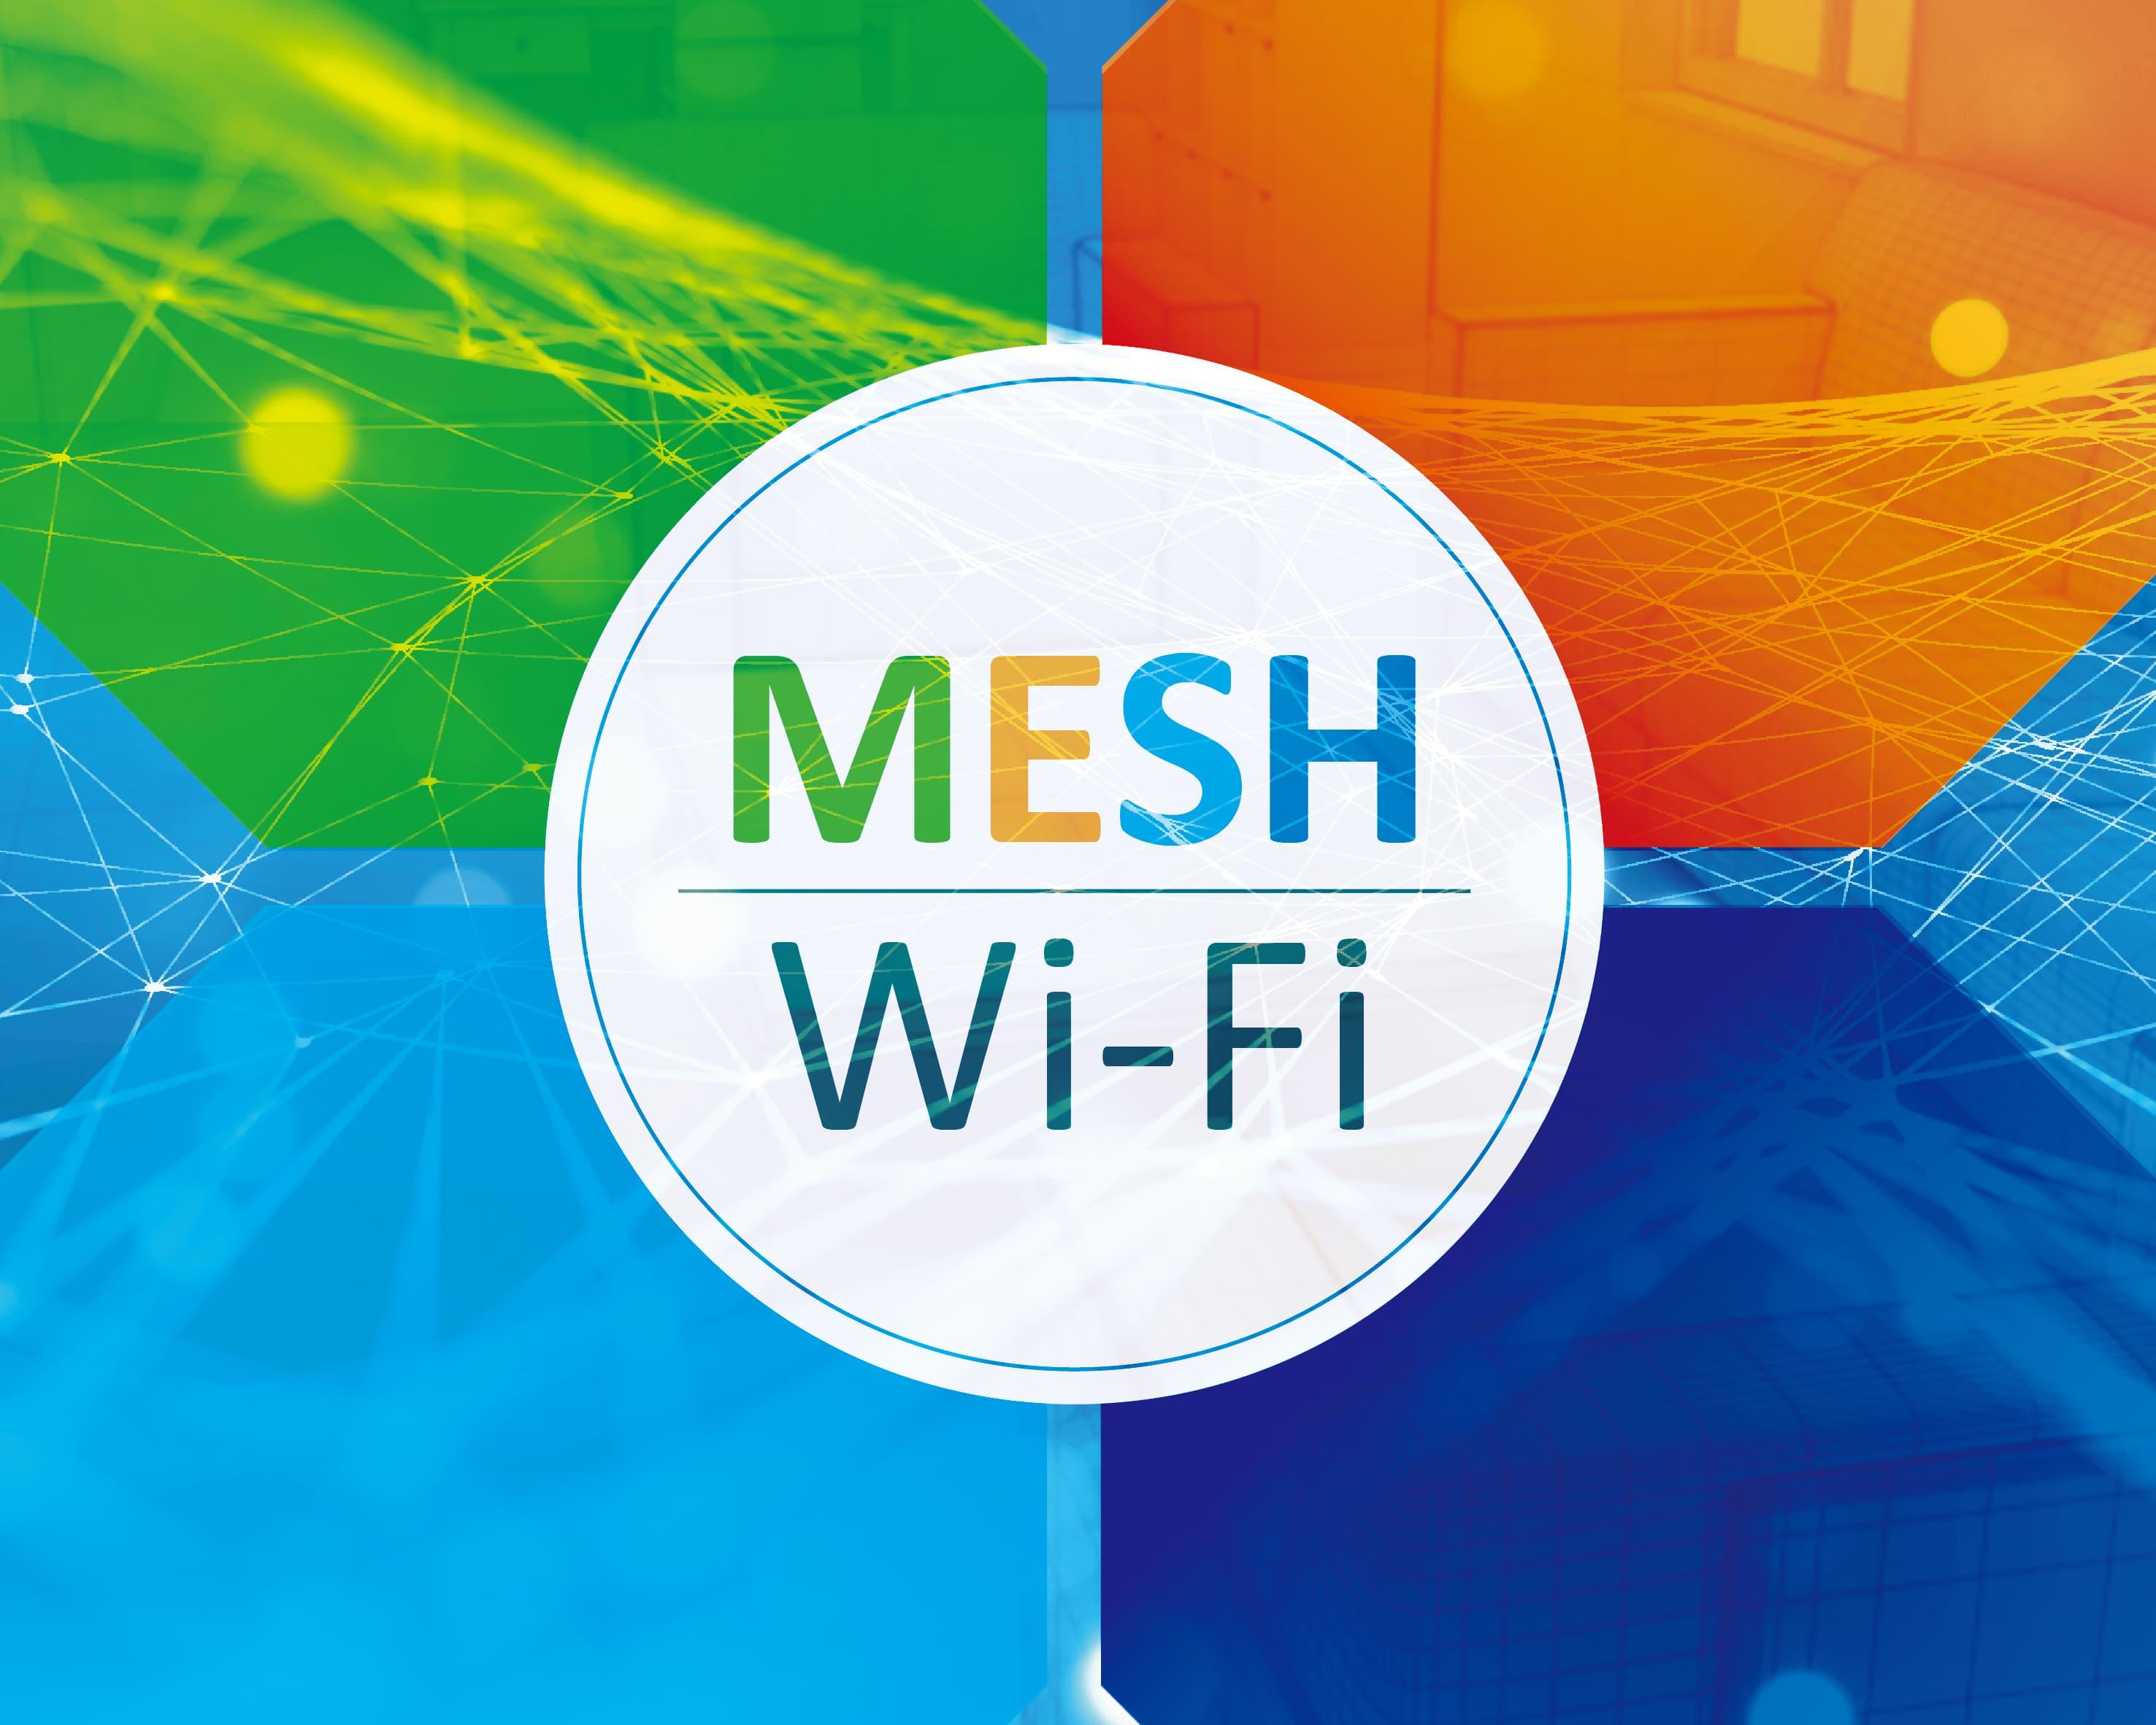 Mesh 網狀網路驗證測試